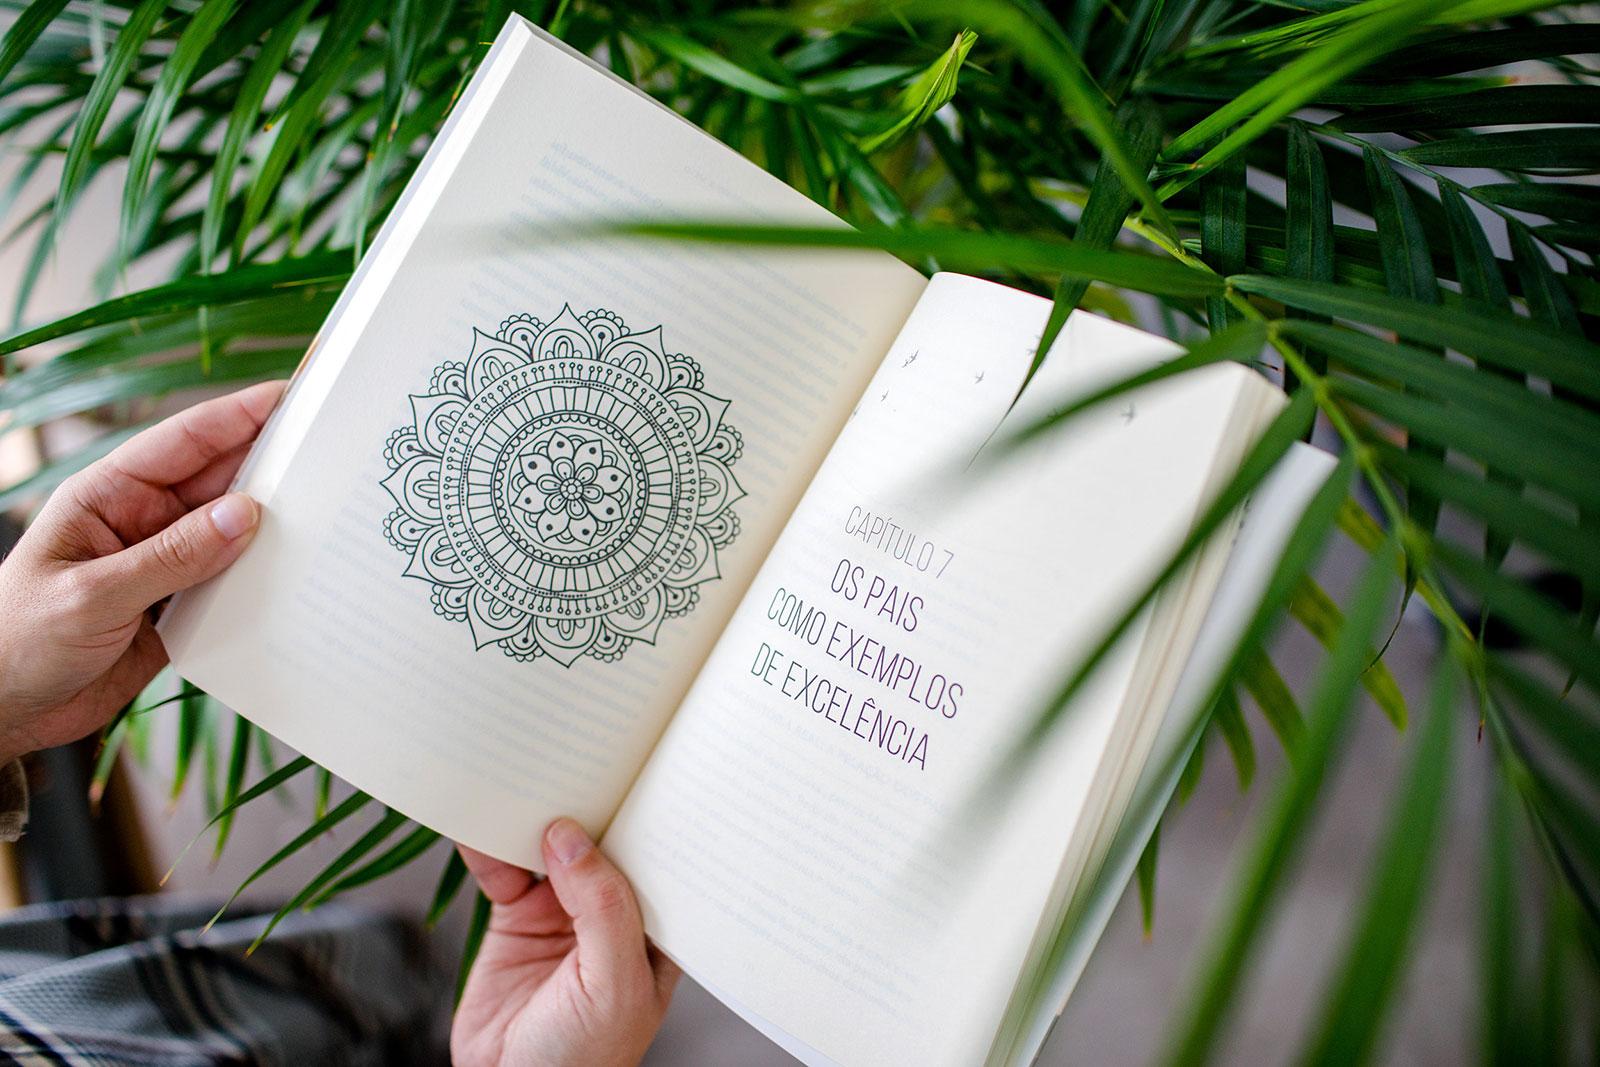 Página com Mandala, no livro Gurus de Palmo e Meio, de Rita Aleluia